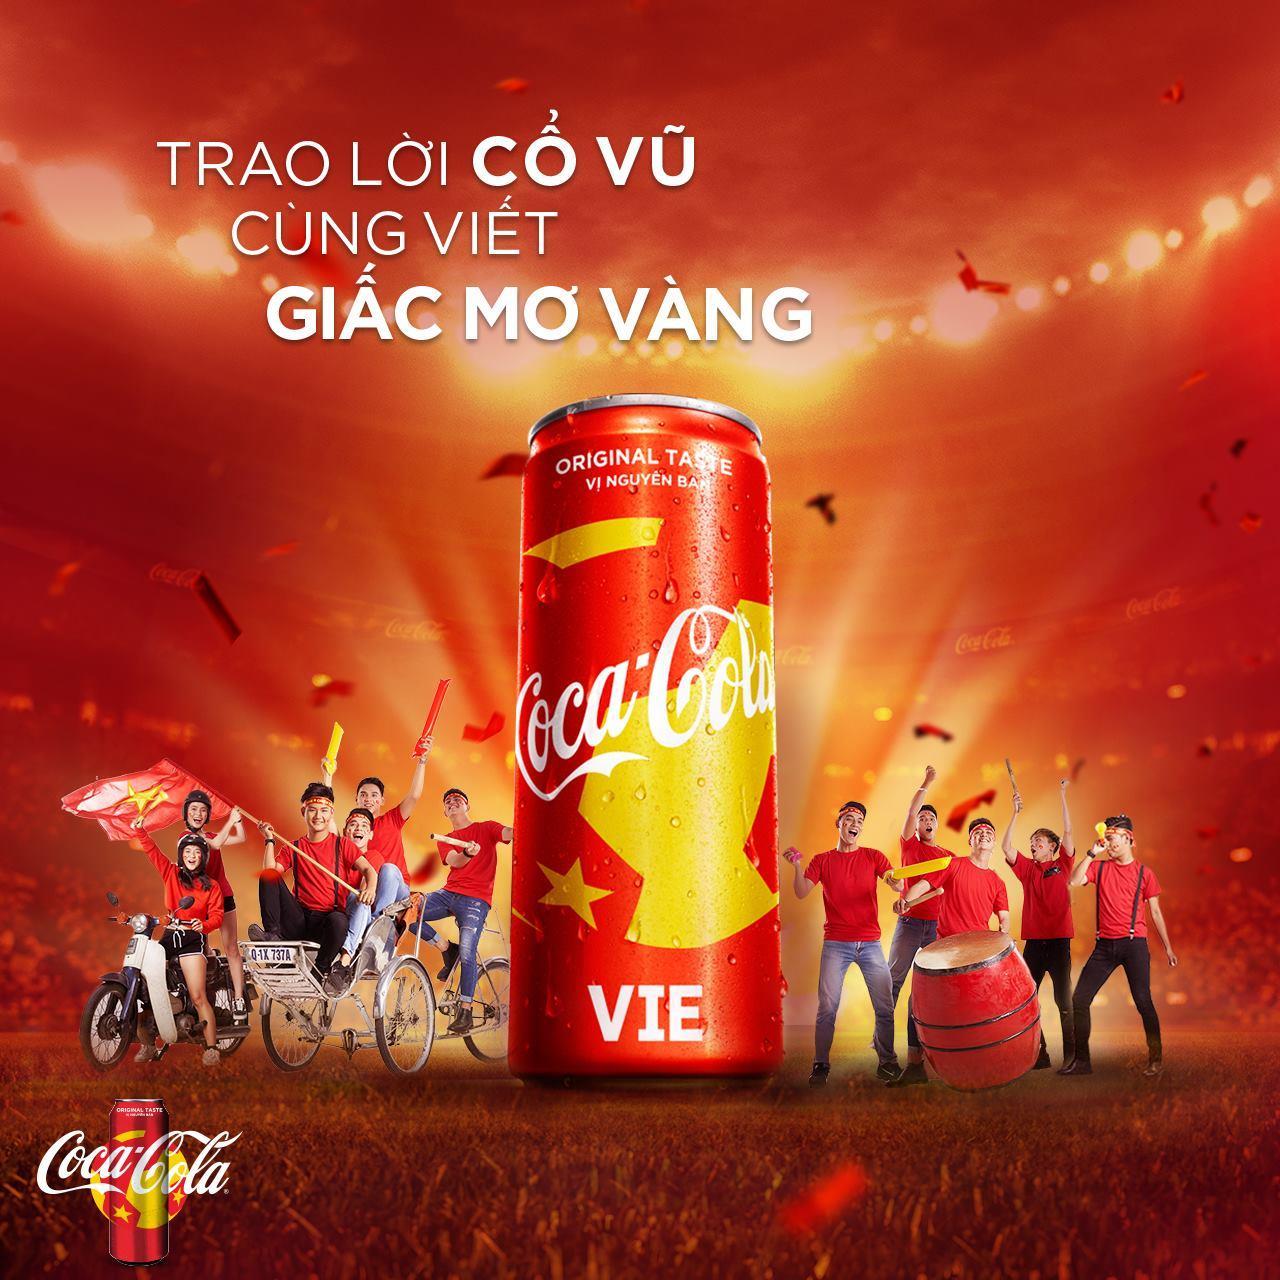 Trước thềm AFF Suzuki Cup, các cầu thủ vàng càng được tiếp thêm hứng khởi nhờ item siêu hot này! - Ảnh 9.